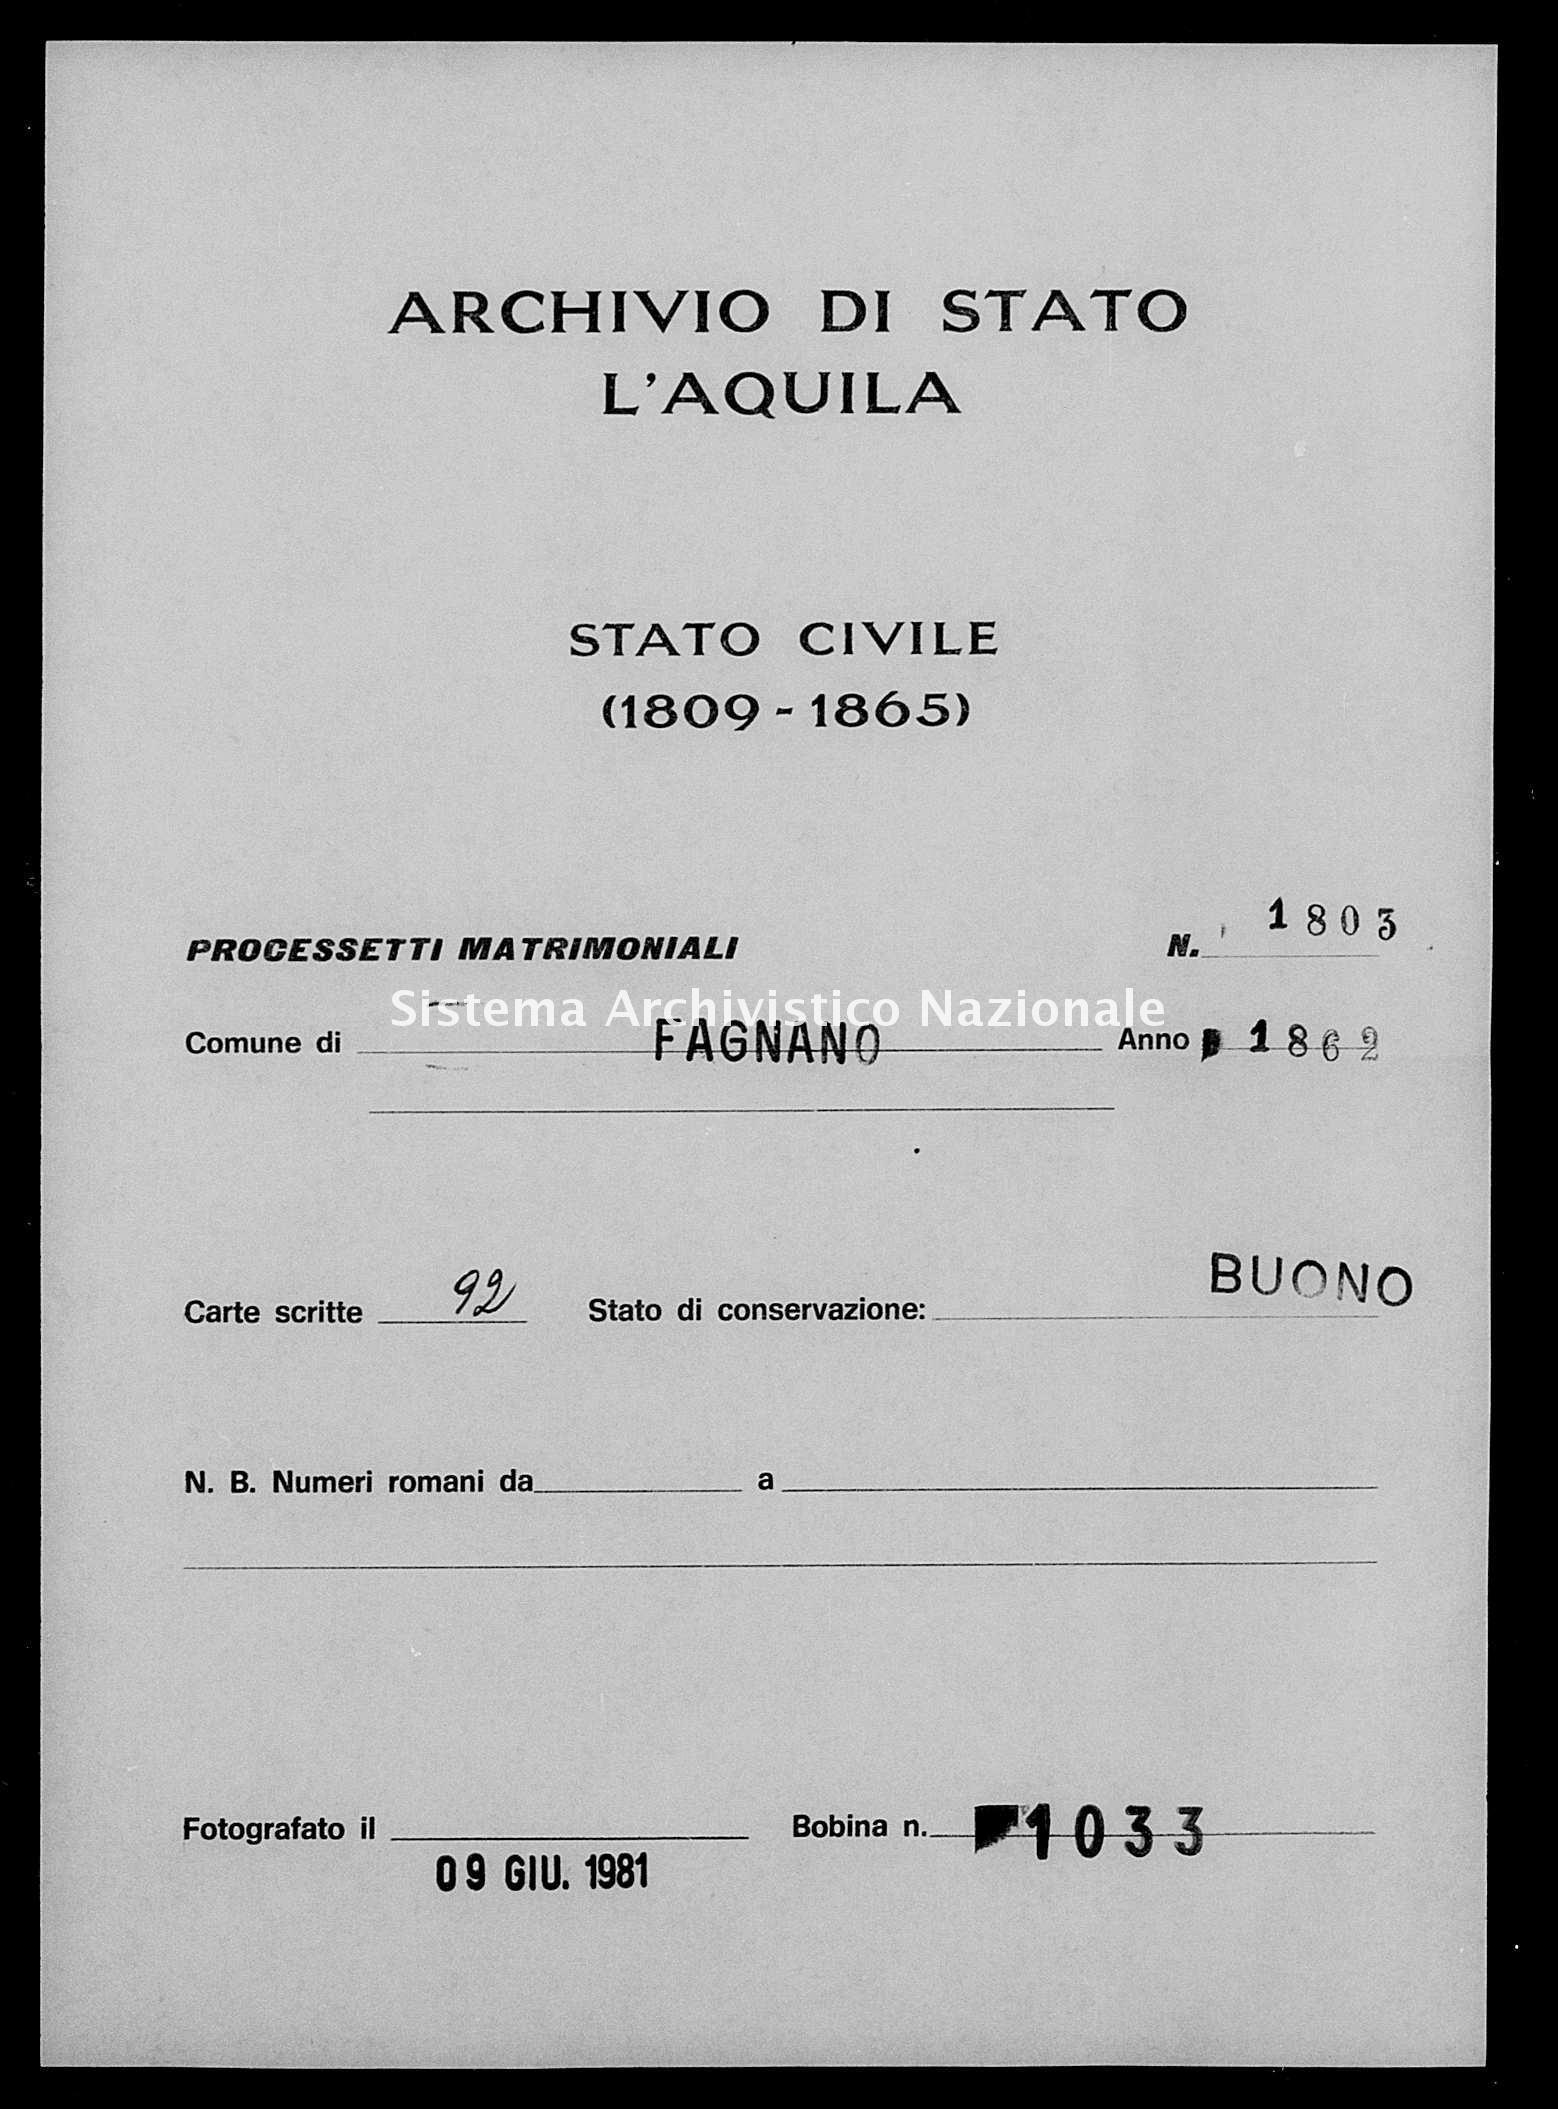 Archivio di stato di L'aquila - Stato civile italiano - Fagnano Alto - Matrimoni, processetti - 1862 - 1803 -